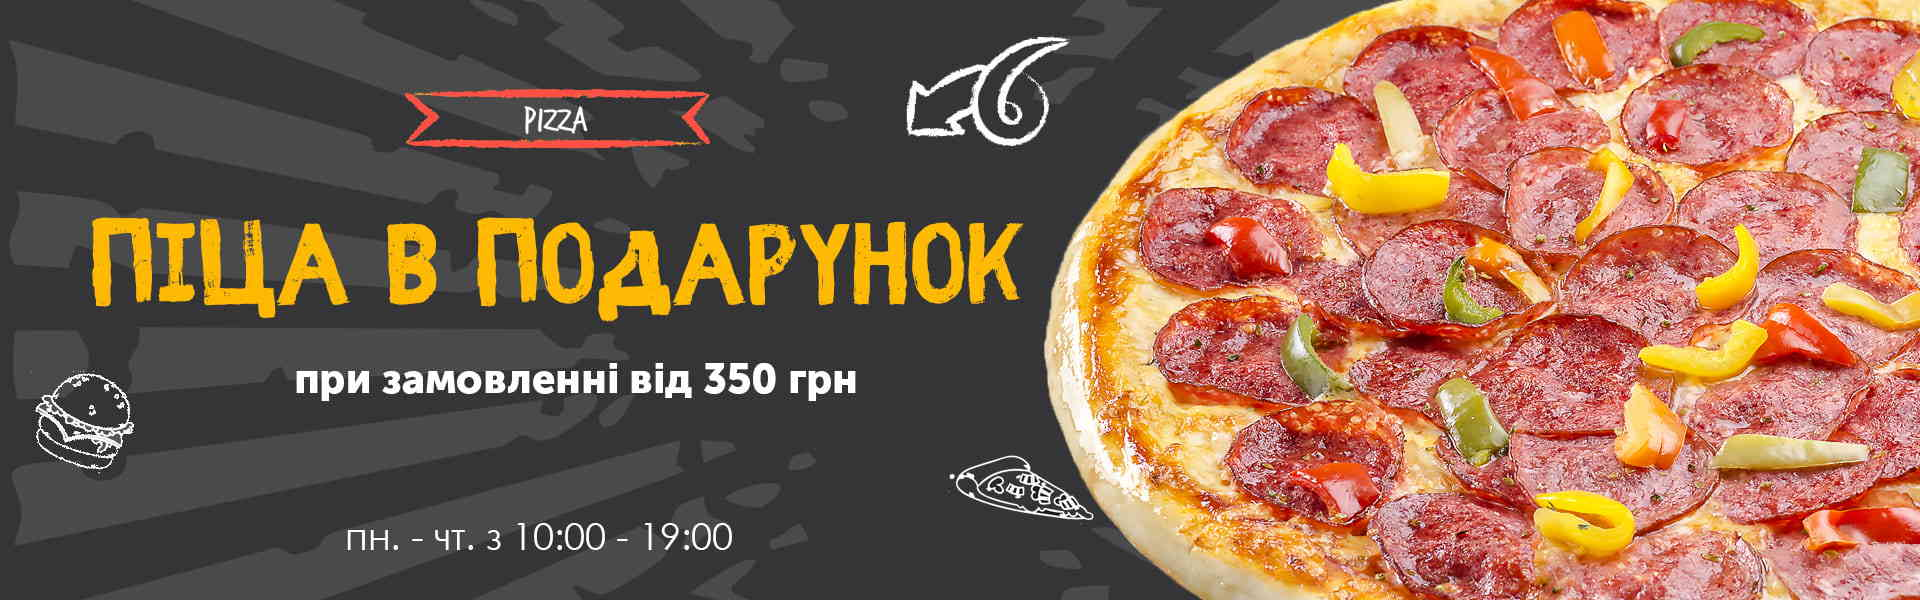 Фото - Піца в подарунок     - Піццбург